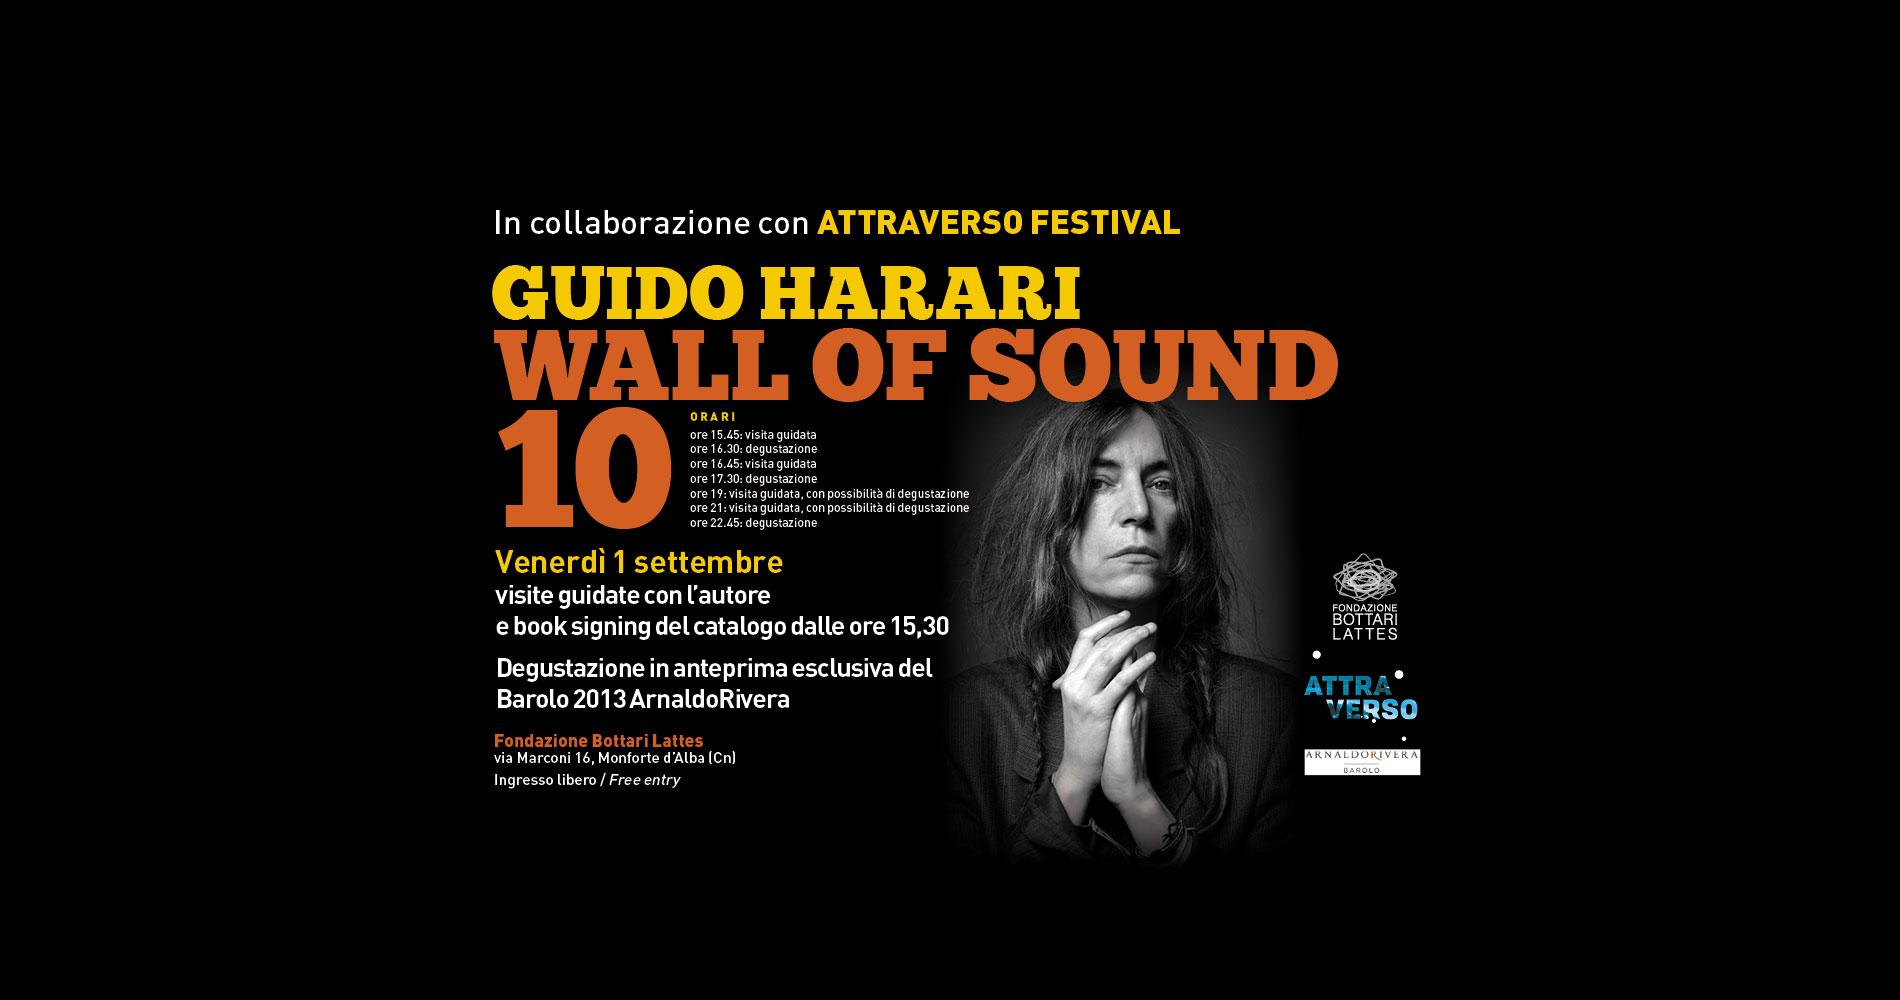 In occasione di Attraverso Festival il fotografo Guido Harari  racconta la mostra Wall of Sound 10